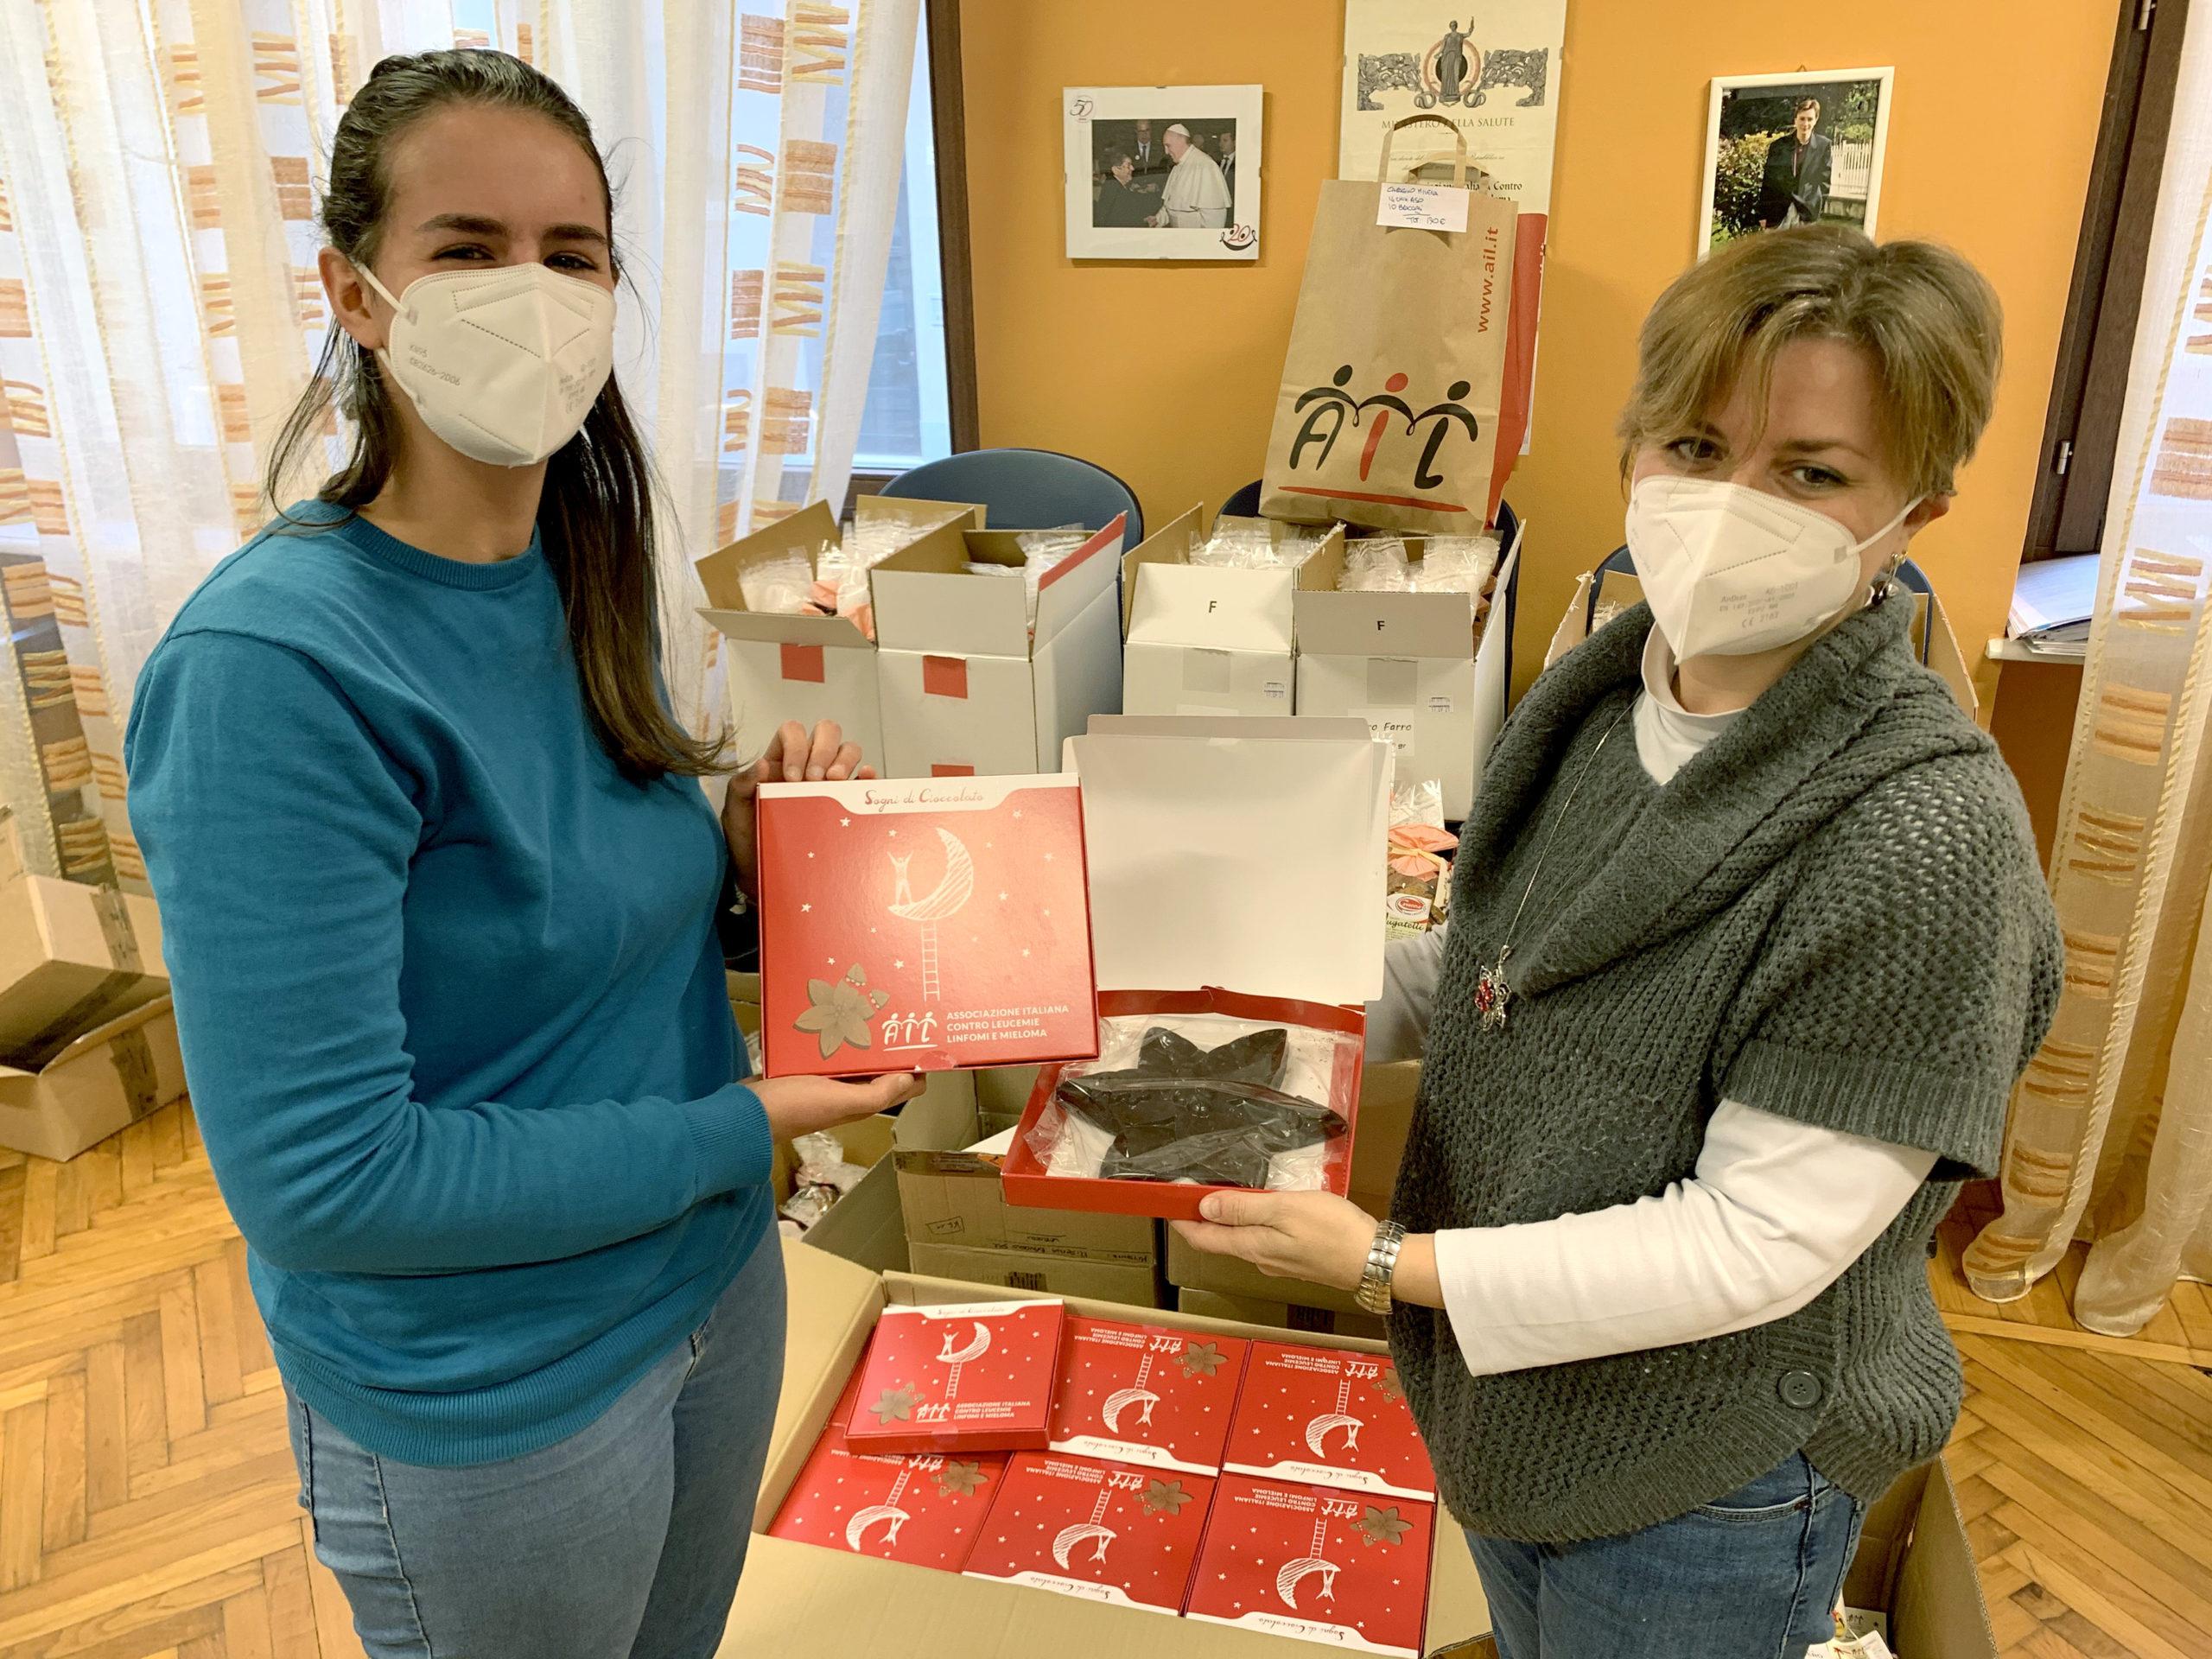 Stella Di Natale Ail 2021.Stella Cioccolato Natale Ail In Nome Della Sicurezza